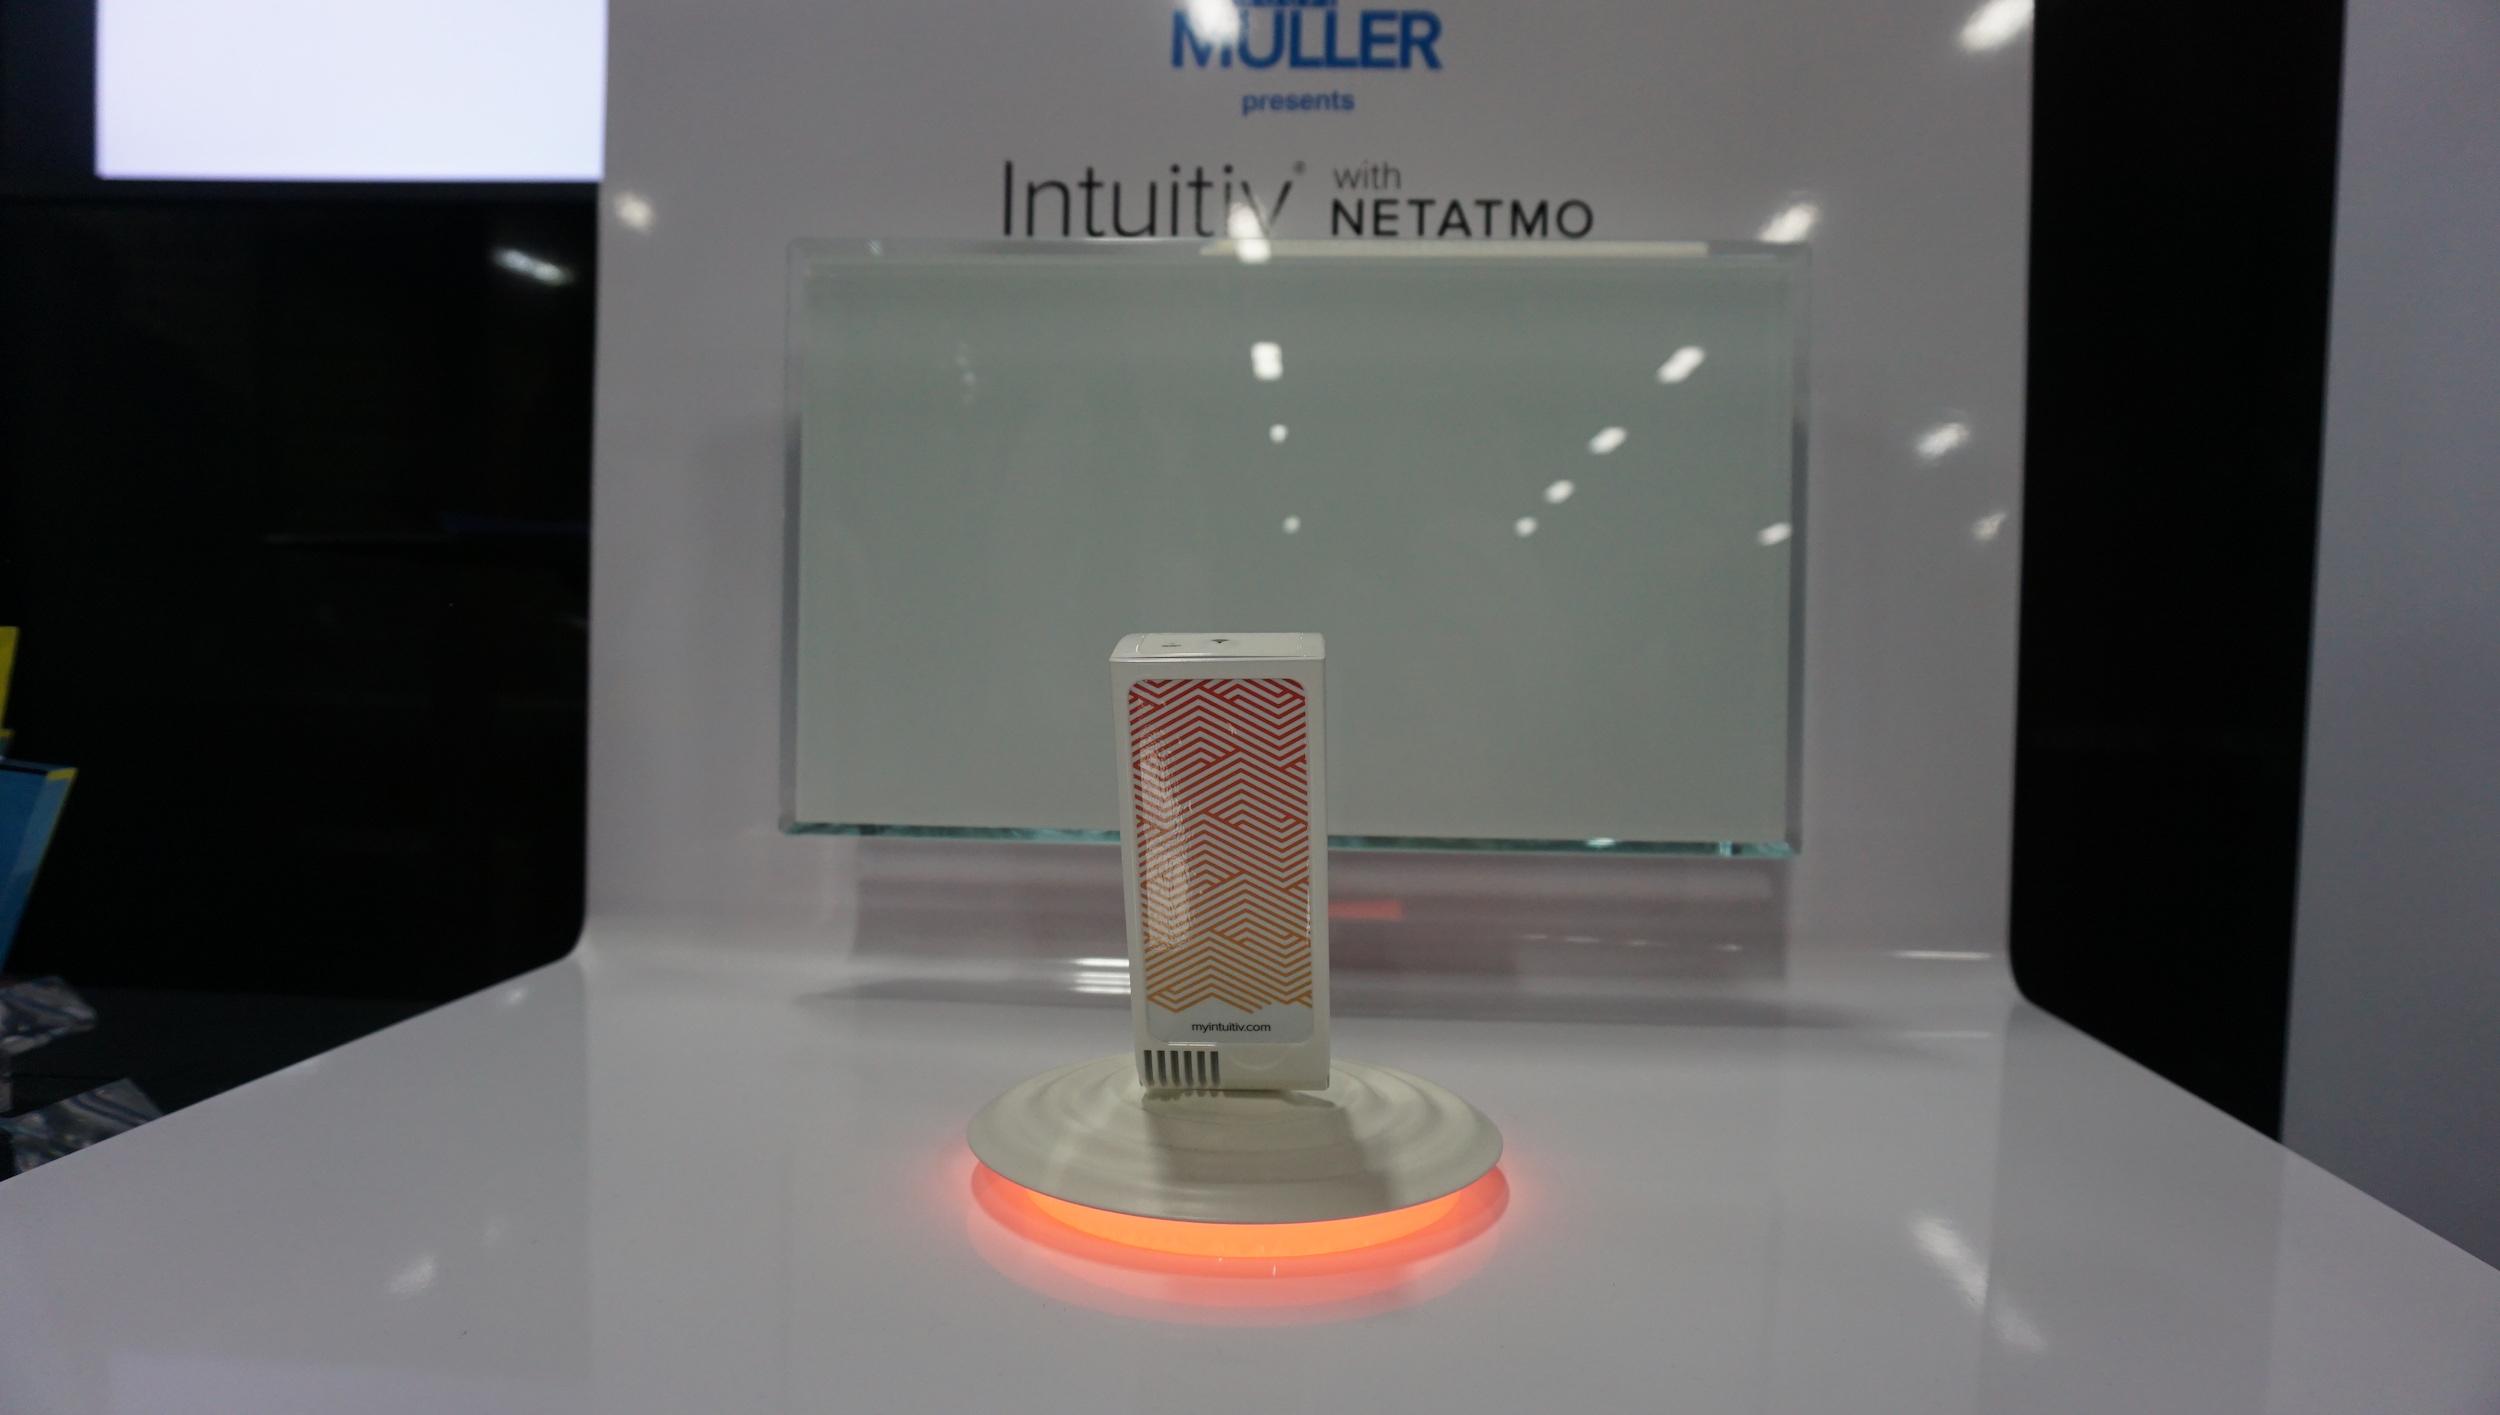 """[CES 2018] Netatmo presenta """"Intuitiv with Netatmo"""" e """"Smart Home Bot"""" thumbnail"""